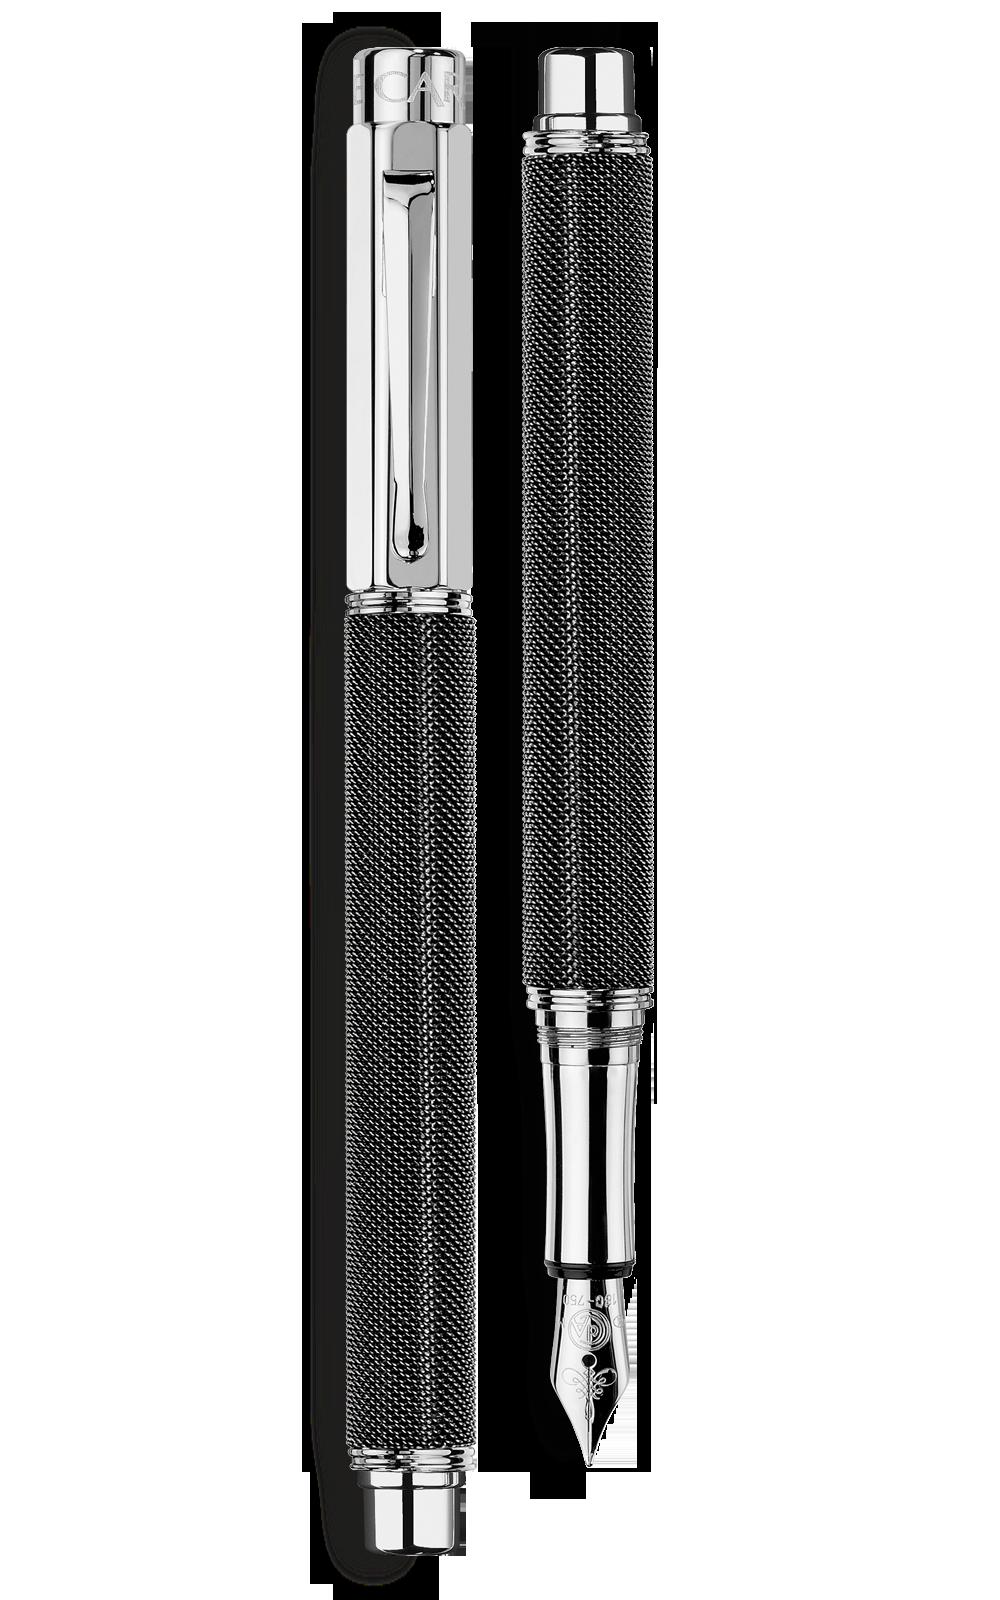 Bút máy VARIUS IVANHOE BLACK silver-plated, rhodium-coated